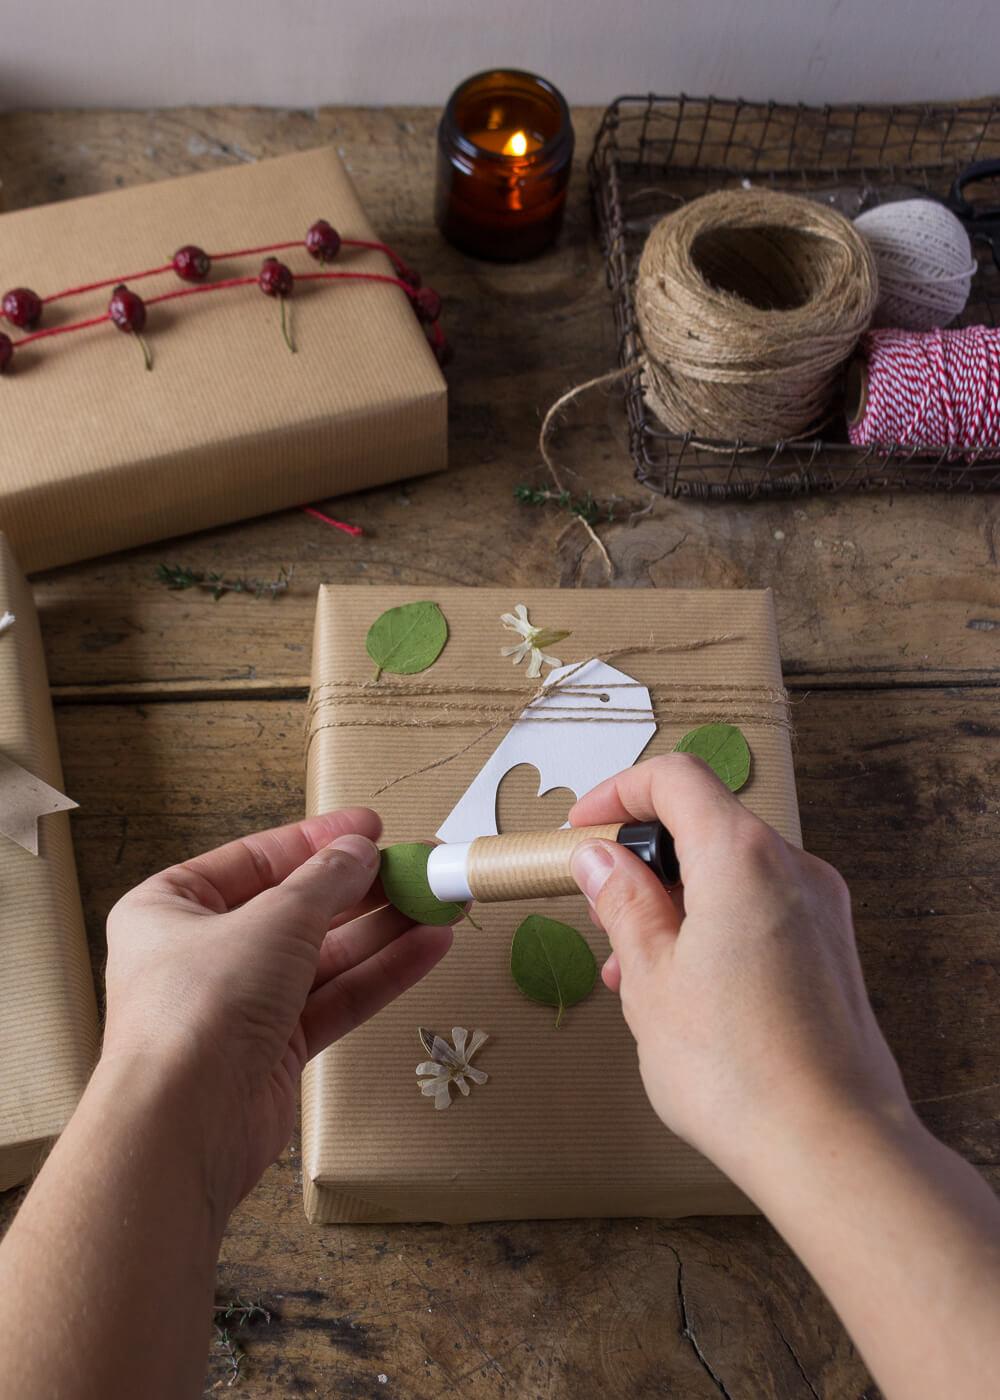 Impacchettare i regali di Natale con il linguaggio dei fiori - Fiori pressati - Lily&Sage Design